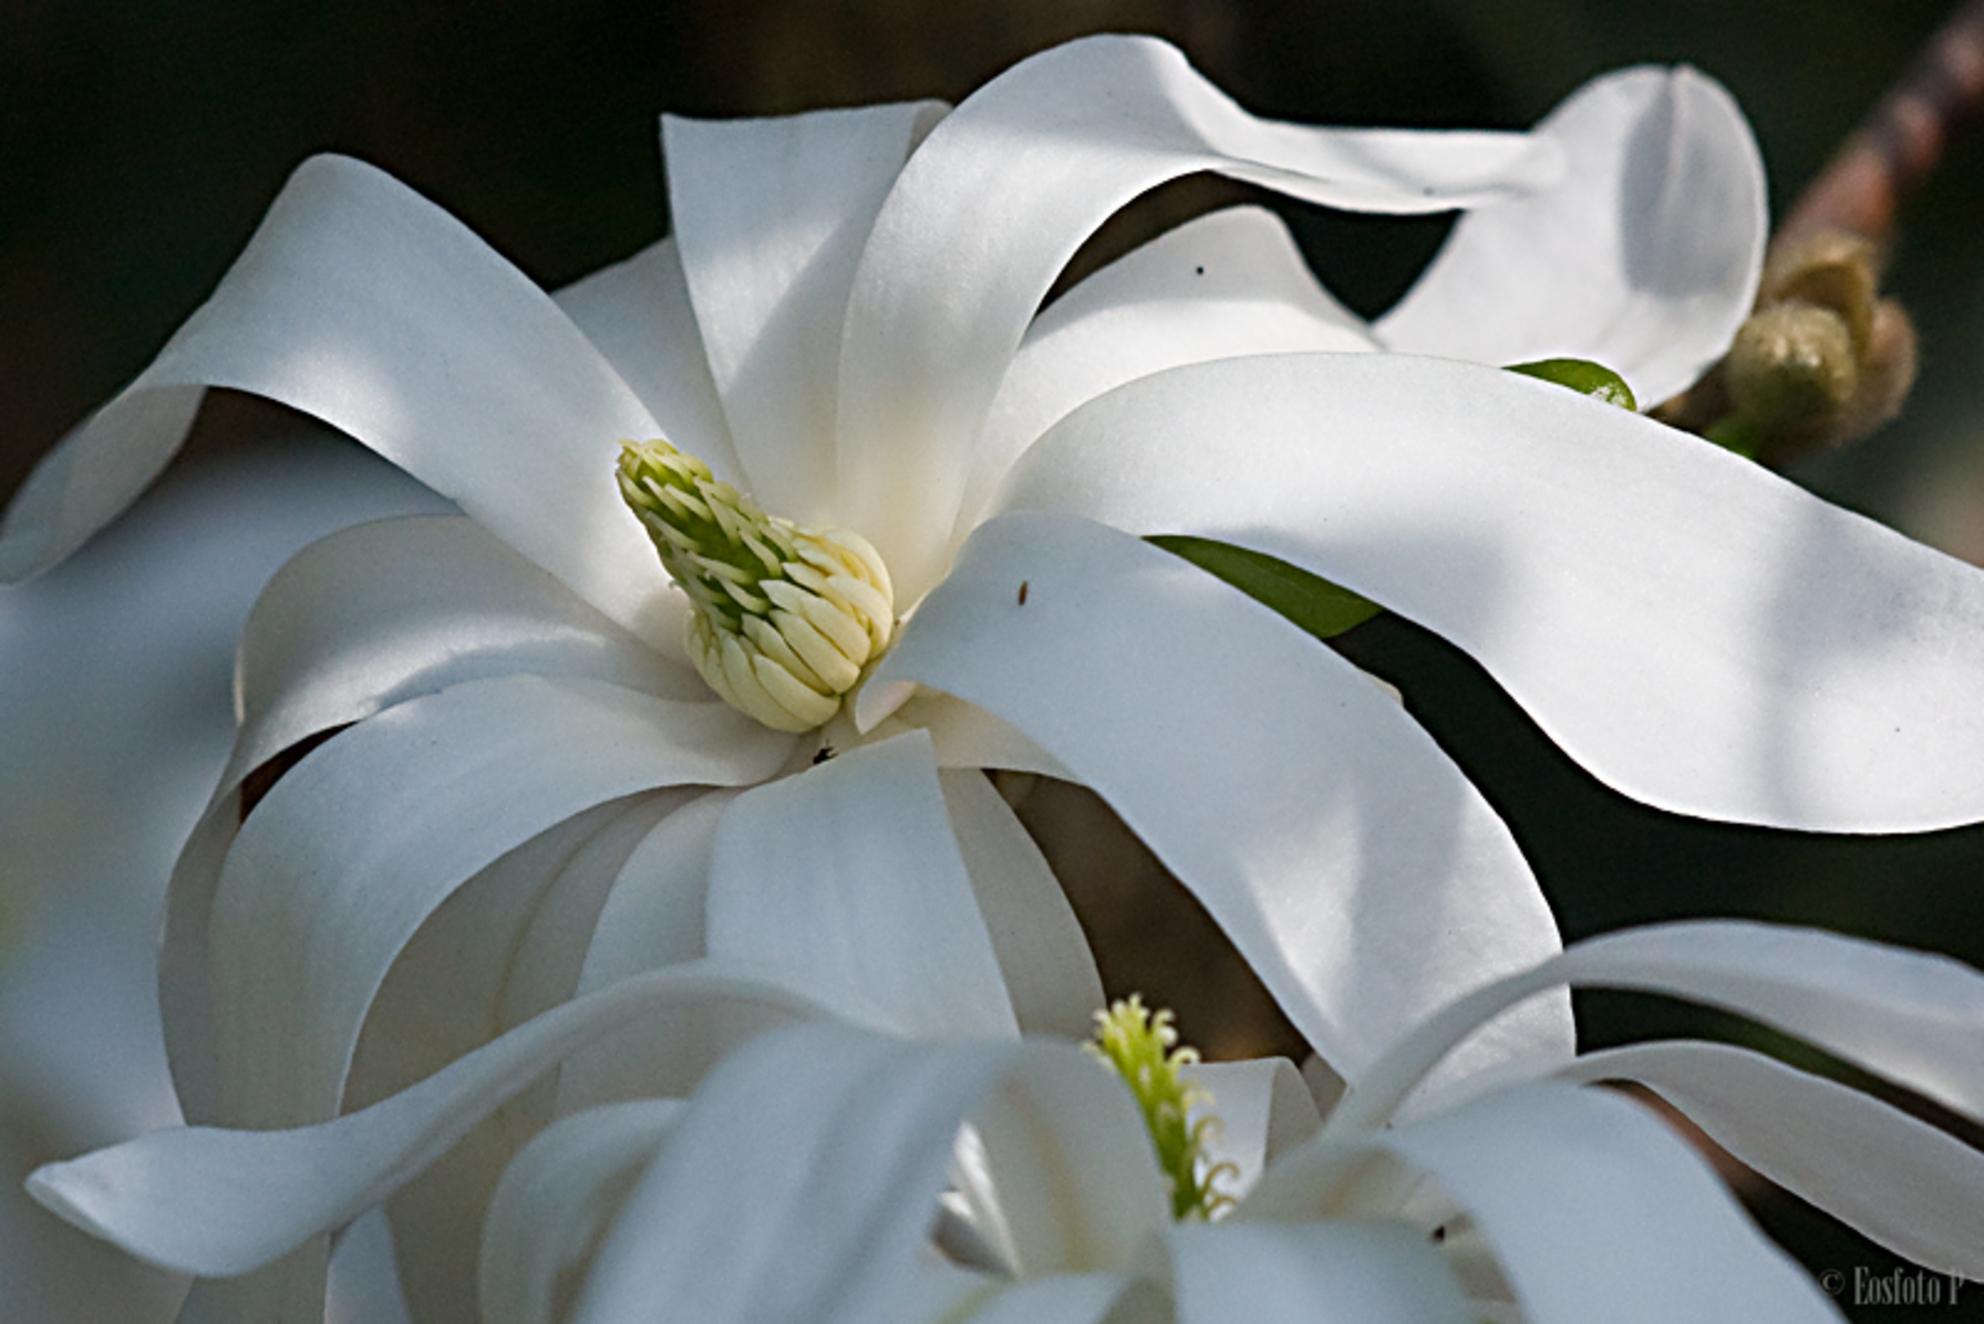 Stermagnolia - de tuin leeft weer op.  Deze stermagnolia kreeg enkele zonnestralen.  Slierten witte blaadjes liggen beschermend om het knopje; - foto door Agly op 13-04-2010 - deze foto bevat: lente, tuin, magnolia, Stermagnolia - Deze foto mag gebruikt worden in een Zoom.nl publicatie